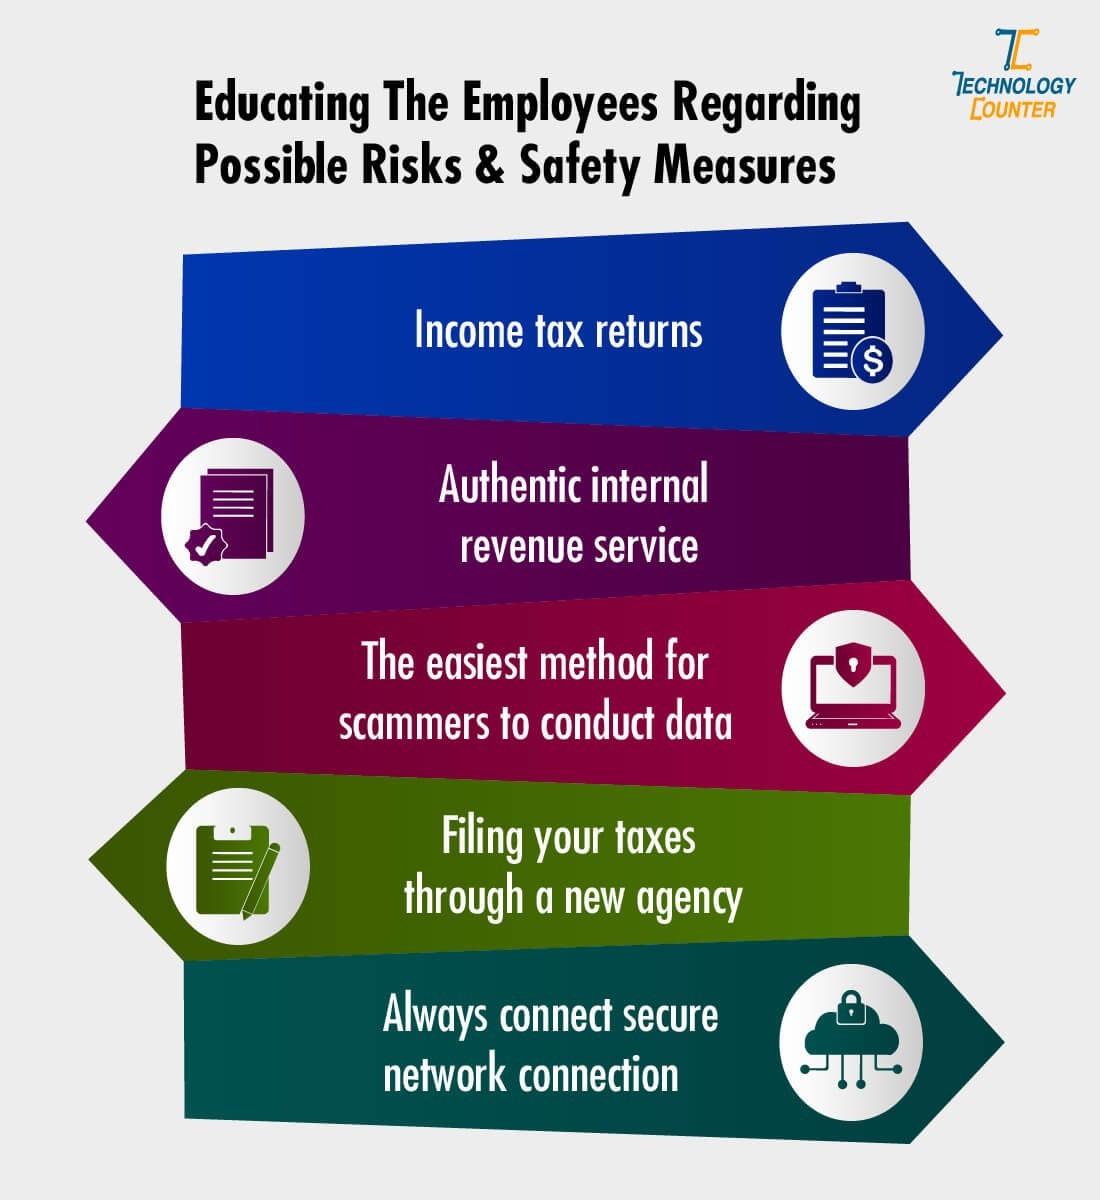 Tips regarding employee safety